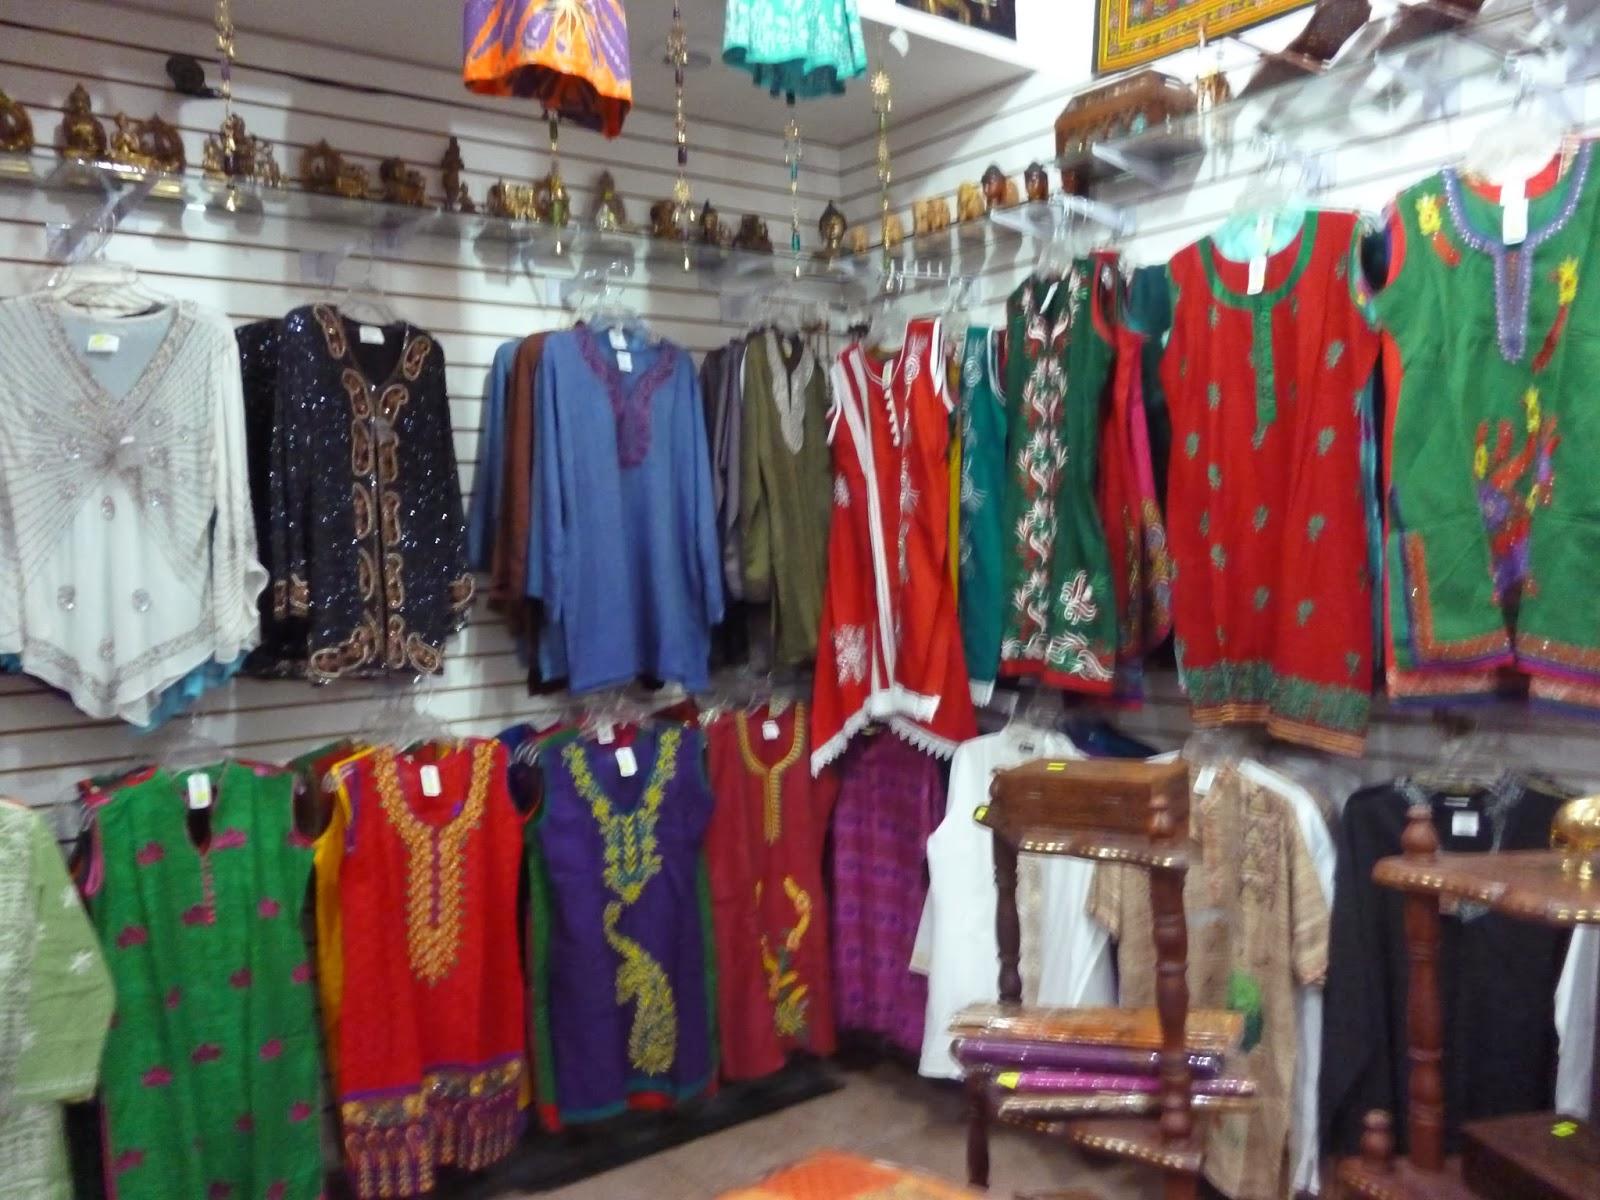 Ropa y artesania de la india ropa indu blusas faldas - Lamparas de la india ...